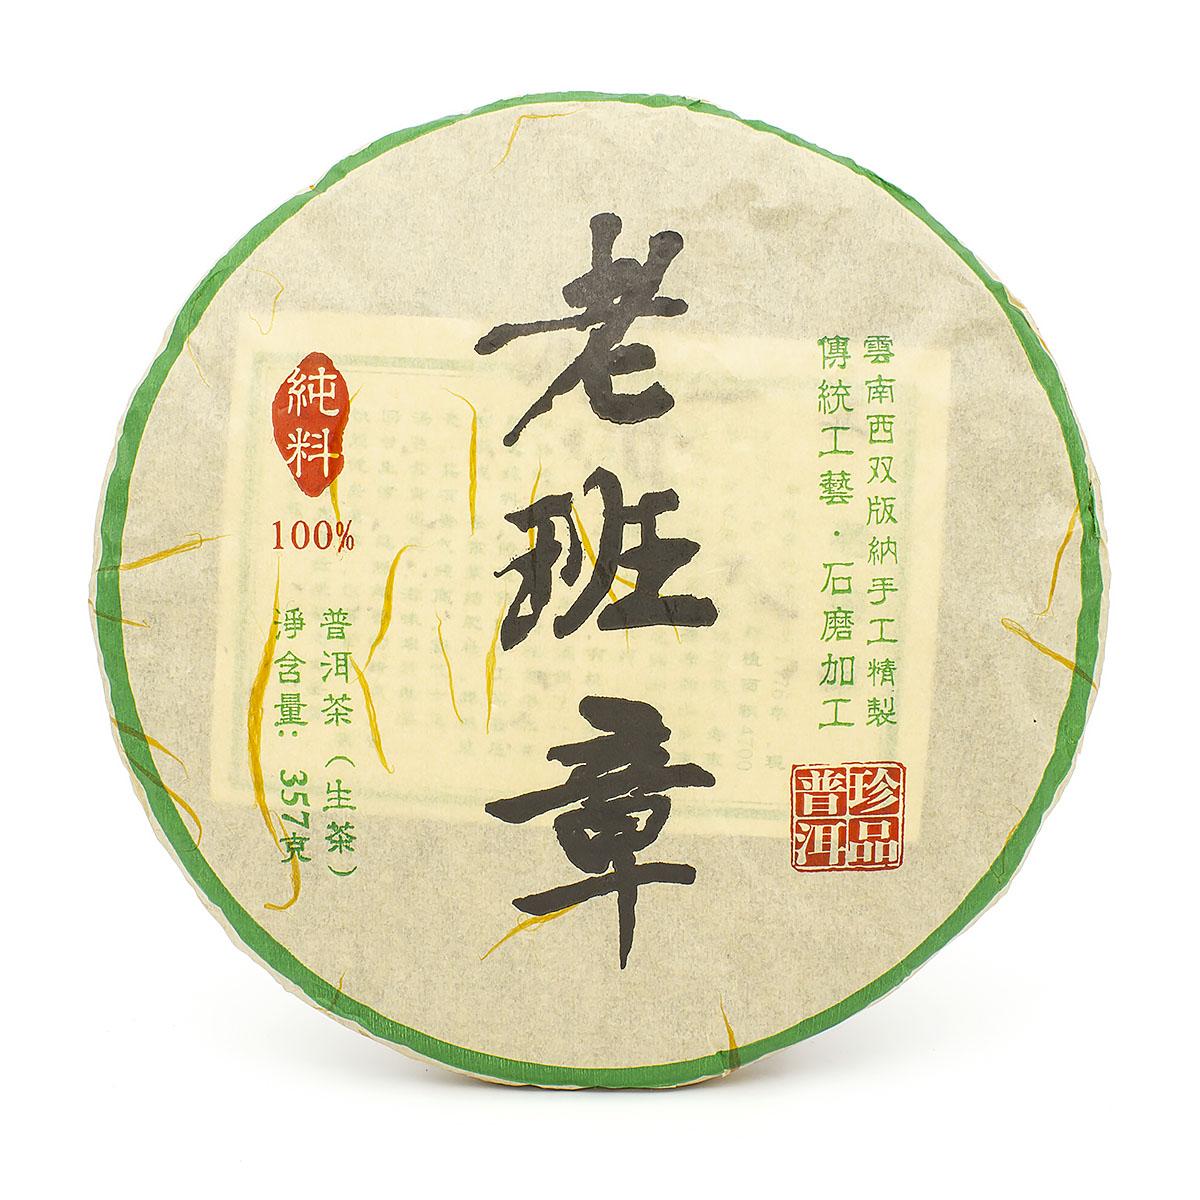 Шен Пуэр Лао Бань Чжан, фабрика Цунь Минь Юньнань Мэнхай, 2019 г, блин, 357 гр.